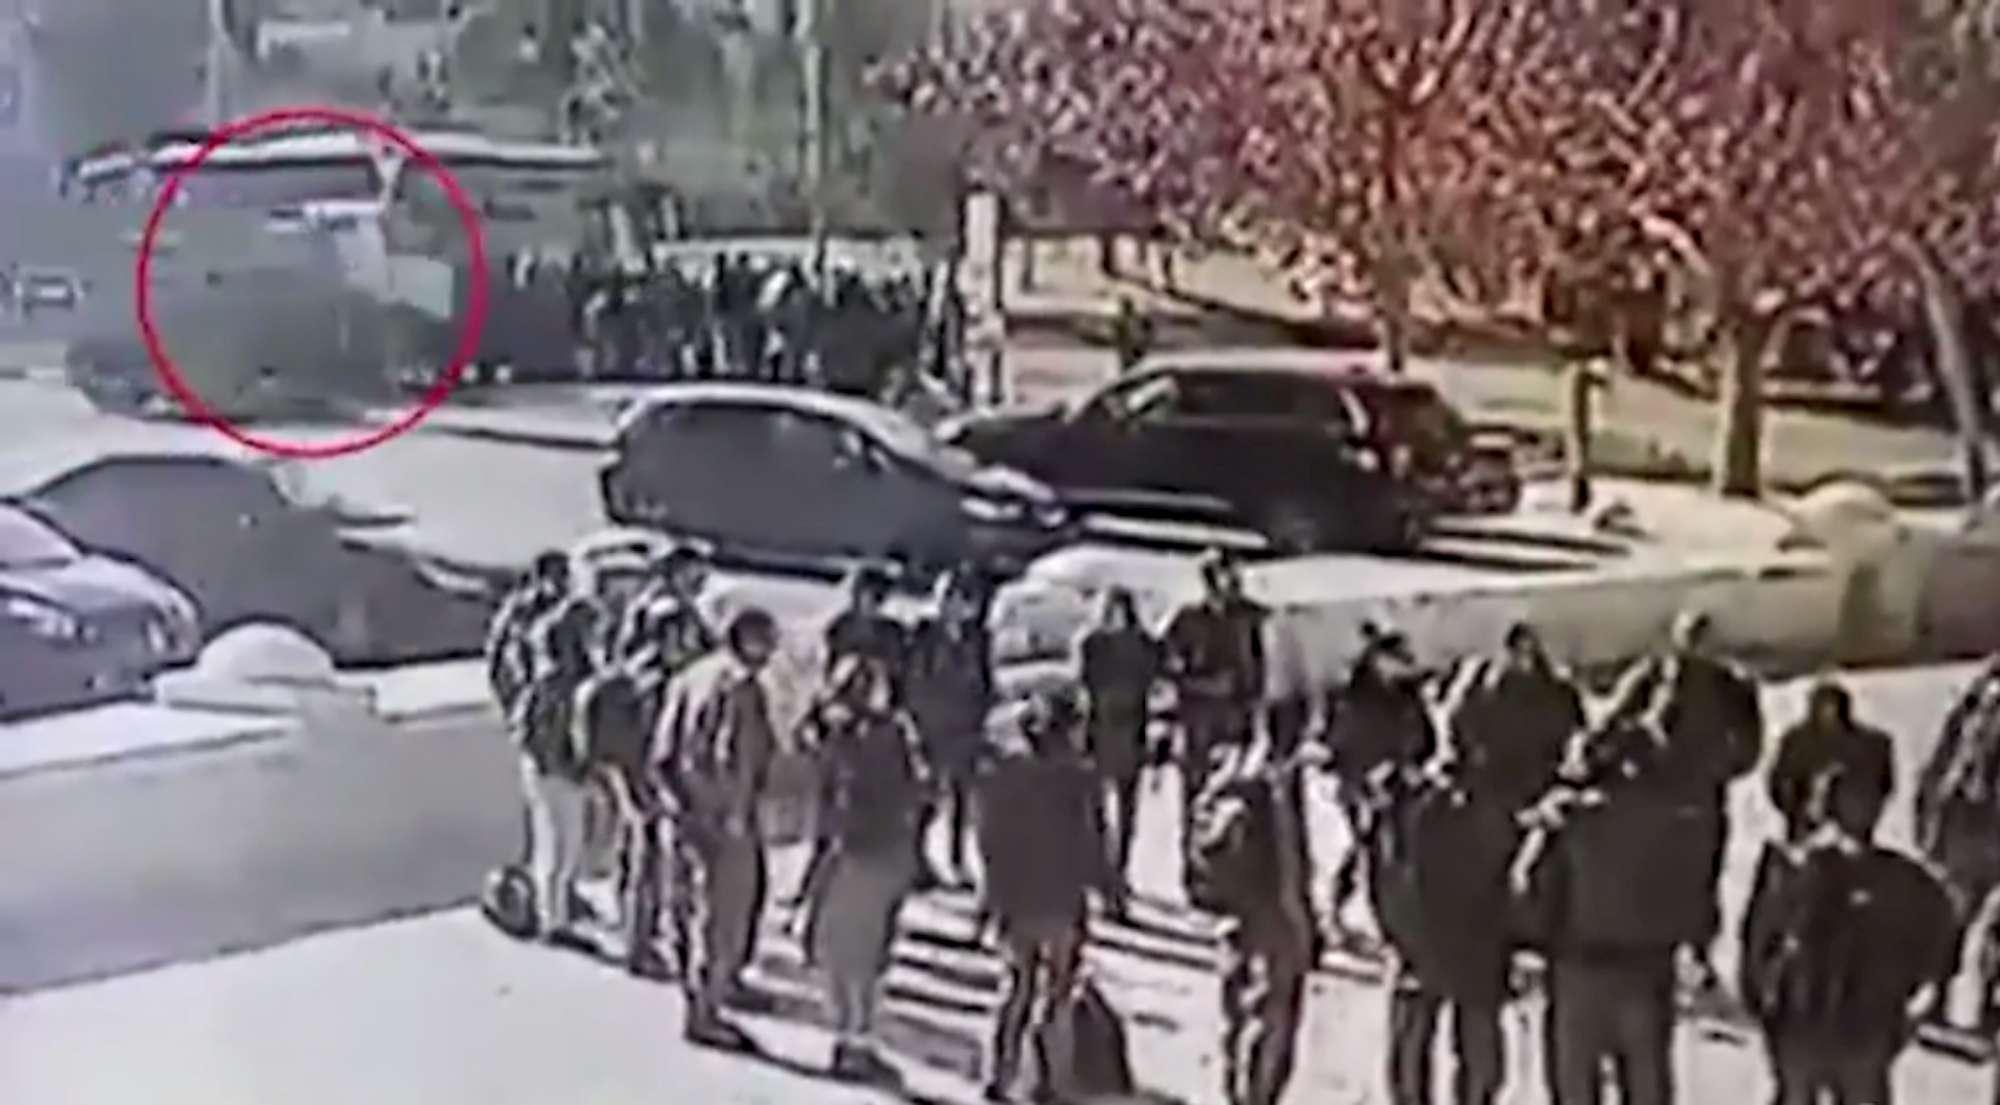 Gerusalemme, la sequenza dell attentato